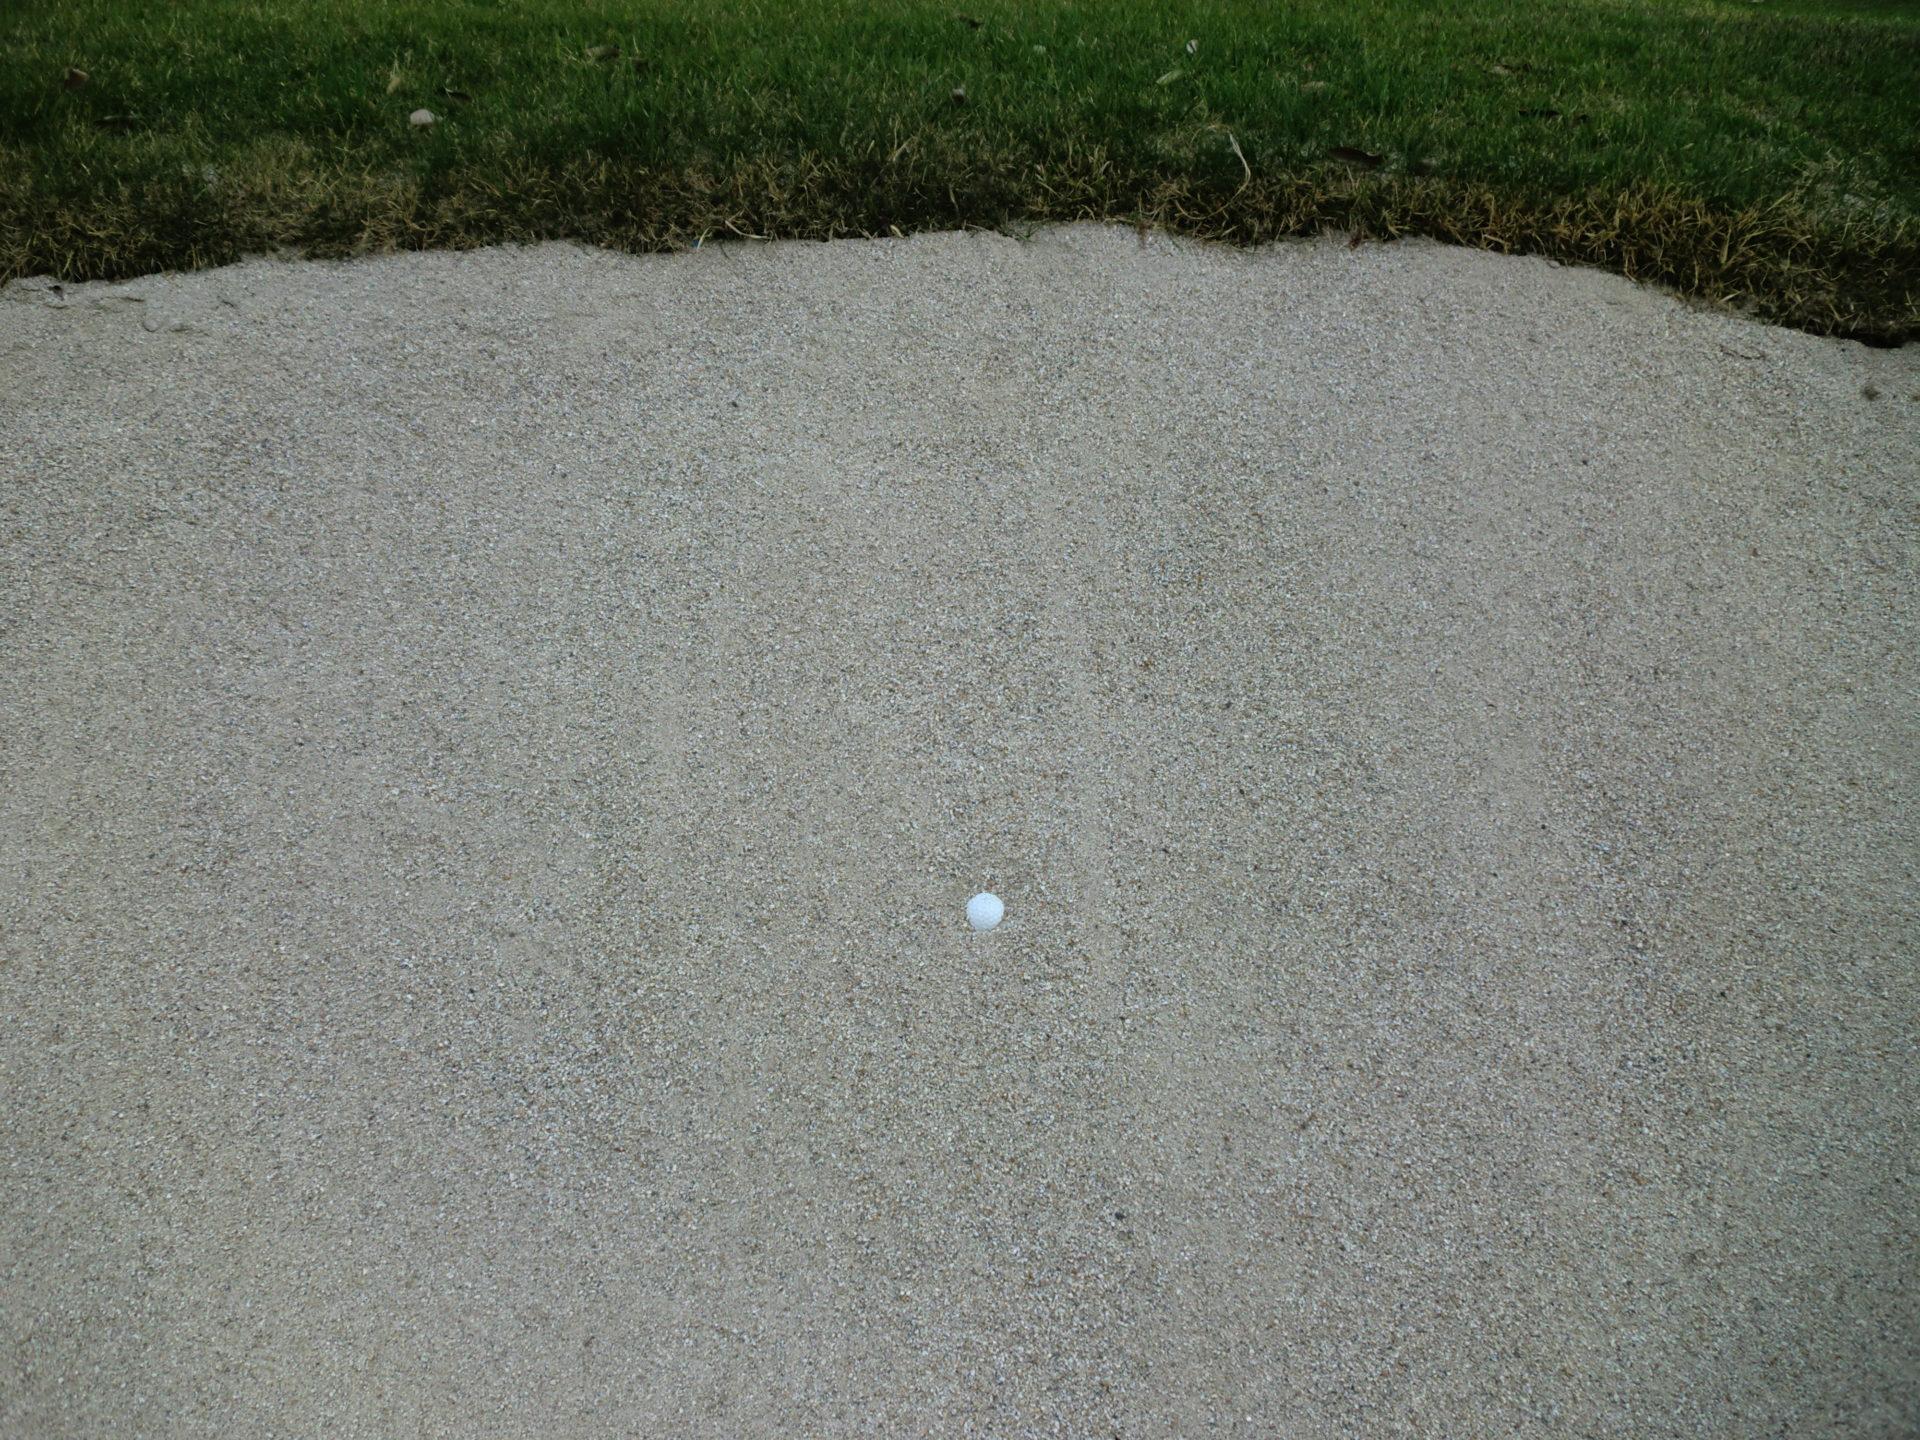 ゴルフ 目玉のバンカーショット